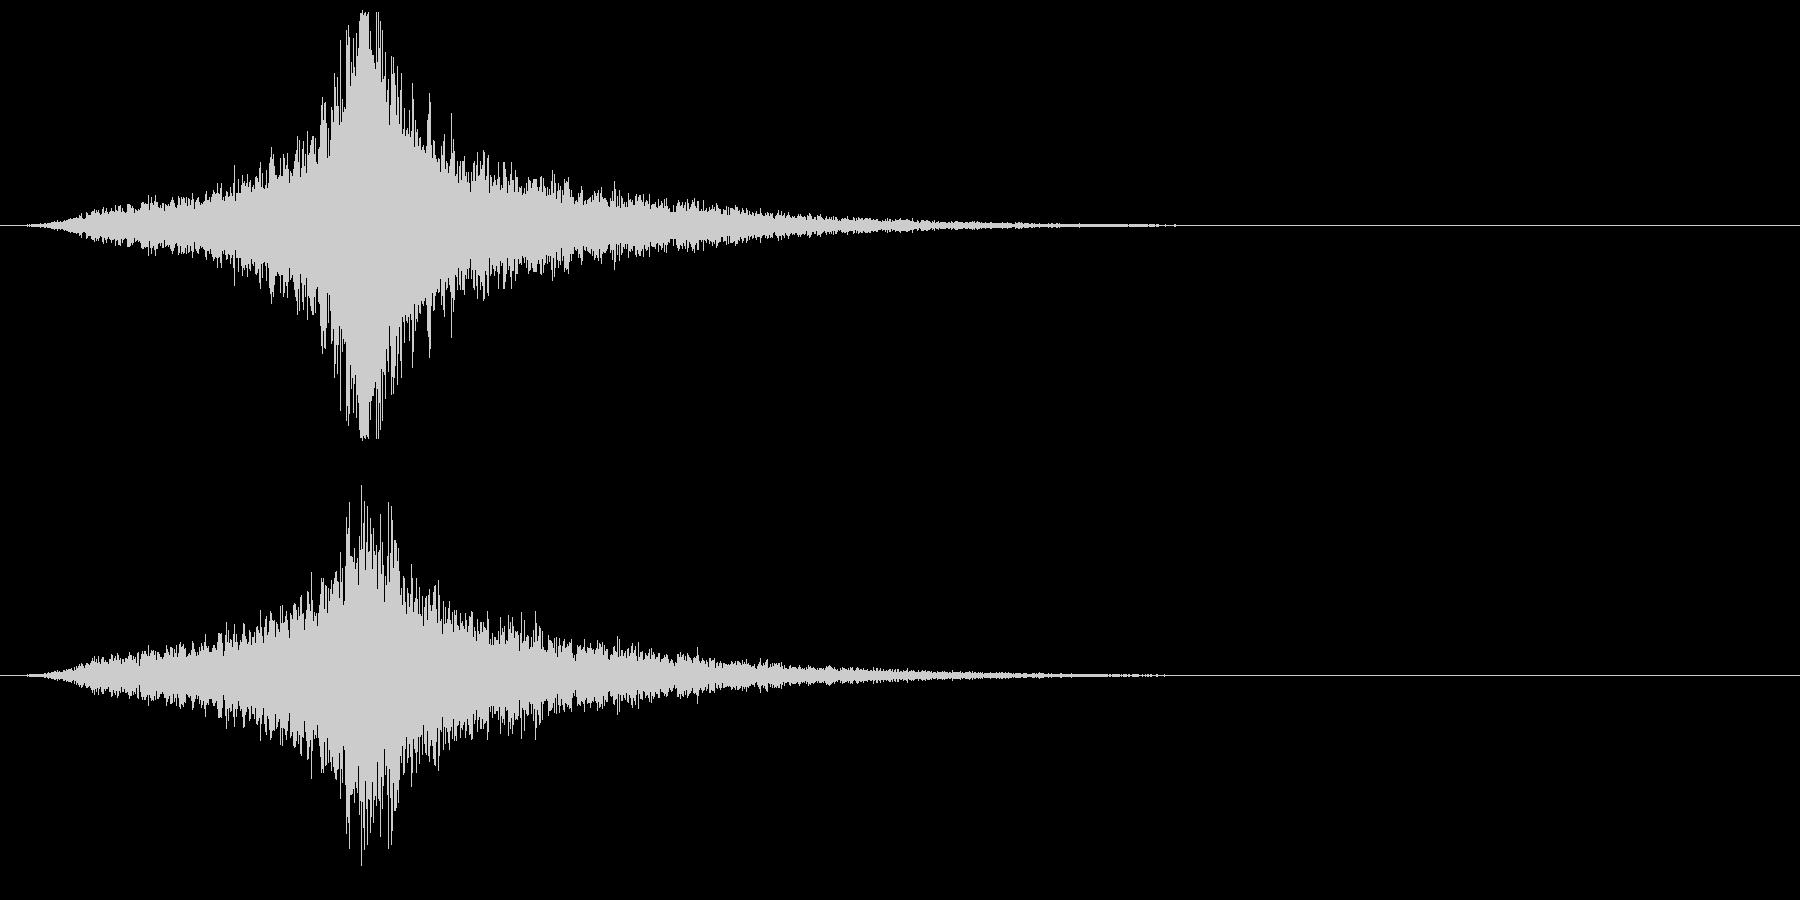 宇宙船・飛翔体#4通過 中央の未再生の波形